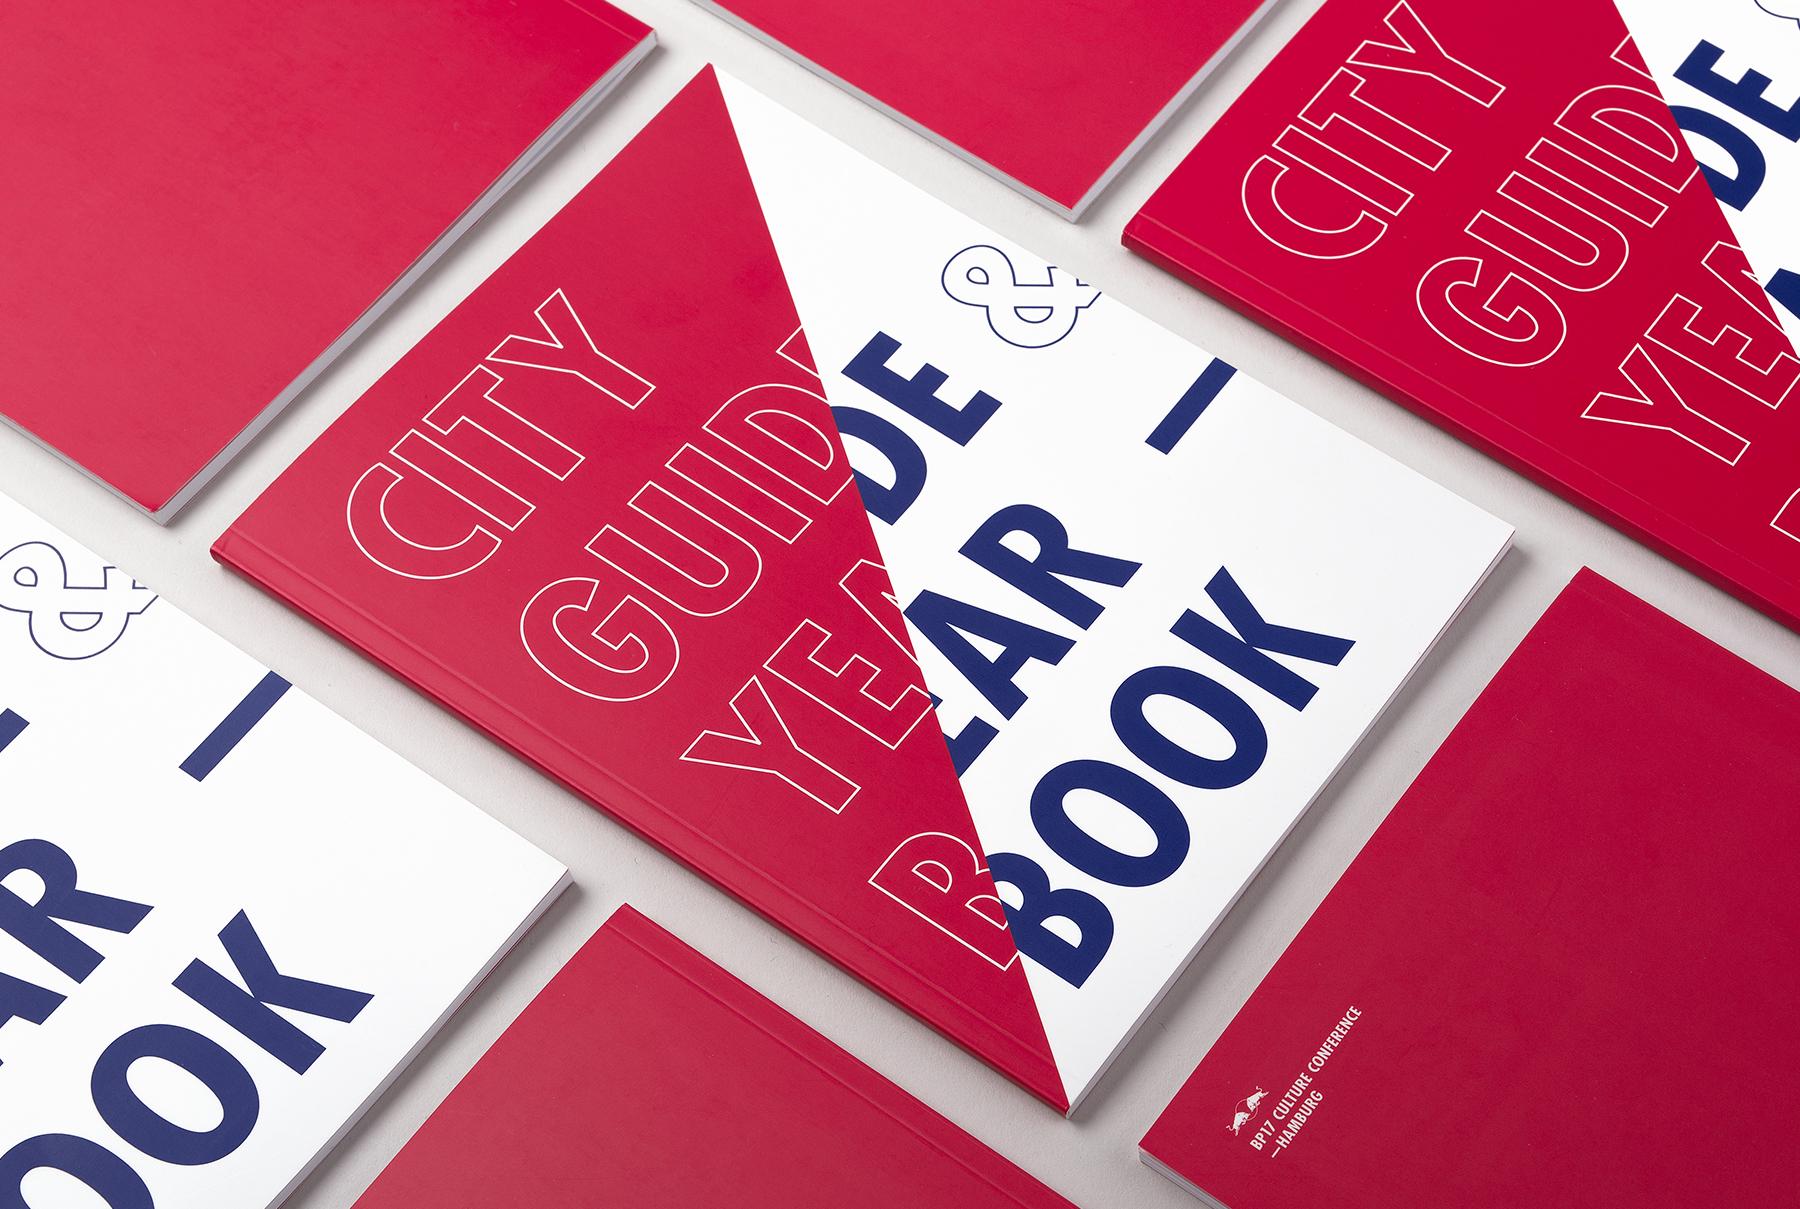 vsm-studio-redbull-bp17-corporate-design-l-1800x1209_04